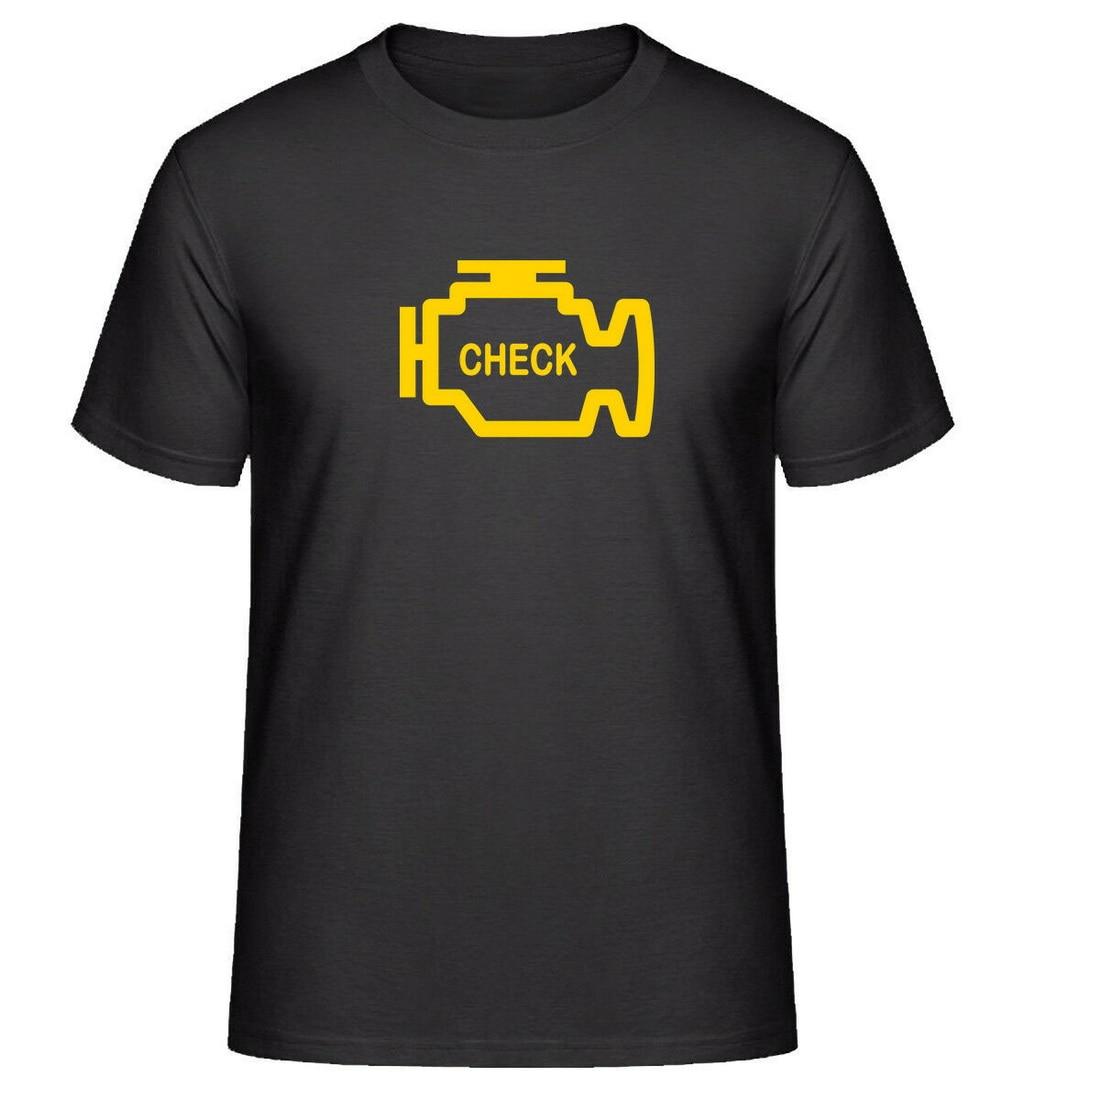 Motor de verificación de coche (ECU Scan) bombilla indicadora Tee Tops camiseta para hombres y niños camiseta colorida de cuello redondo